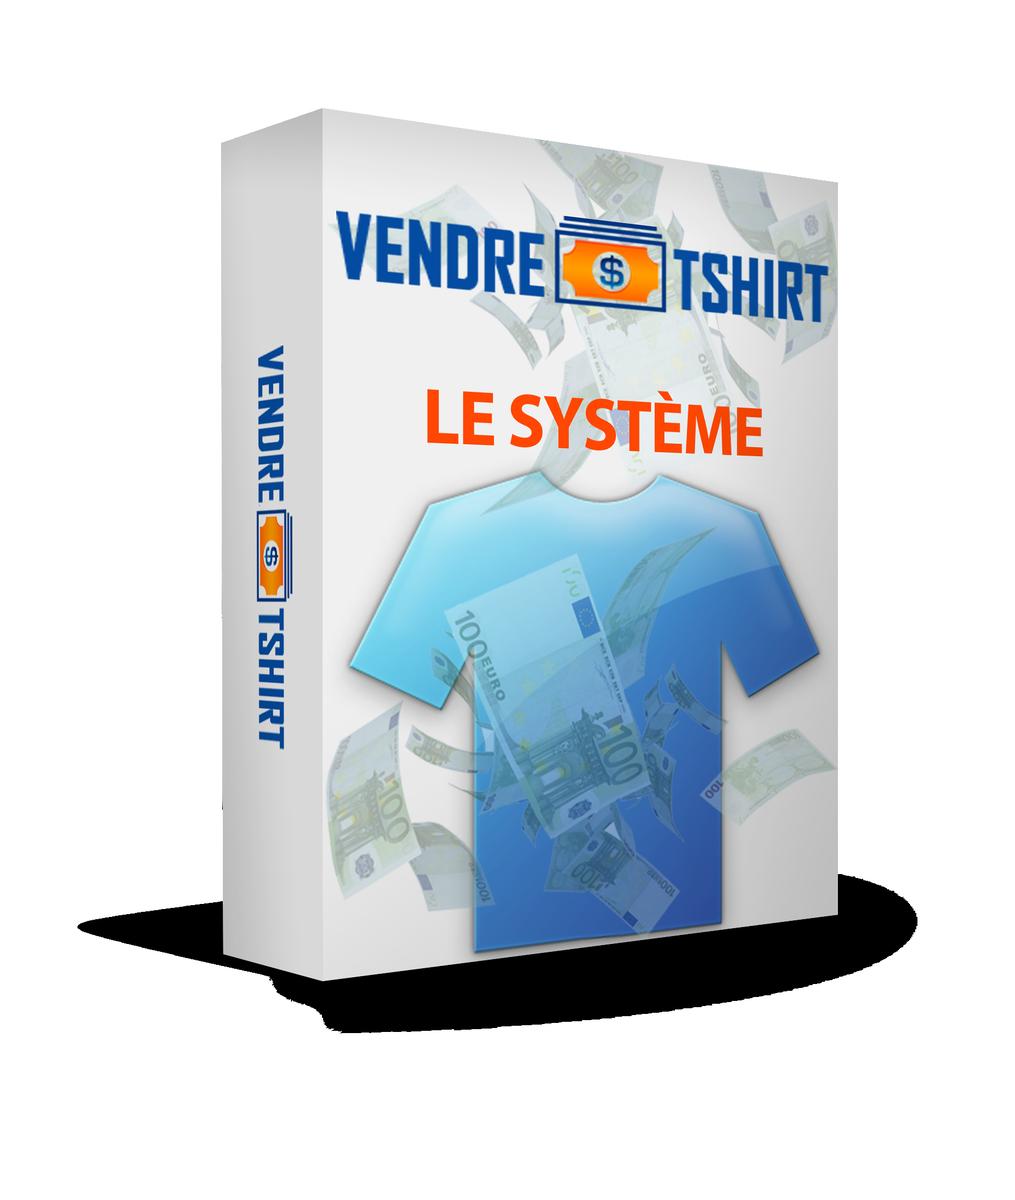 Vendre Tshirt en ligne - le système - une opportunité à saisir #vendre #tshirt #enligne  -&gt;  http:// bit.ly/vendre-t-shirt  &nbsp;  <br>http://pic.twitter.com/NVMSH4a6On